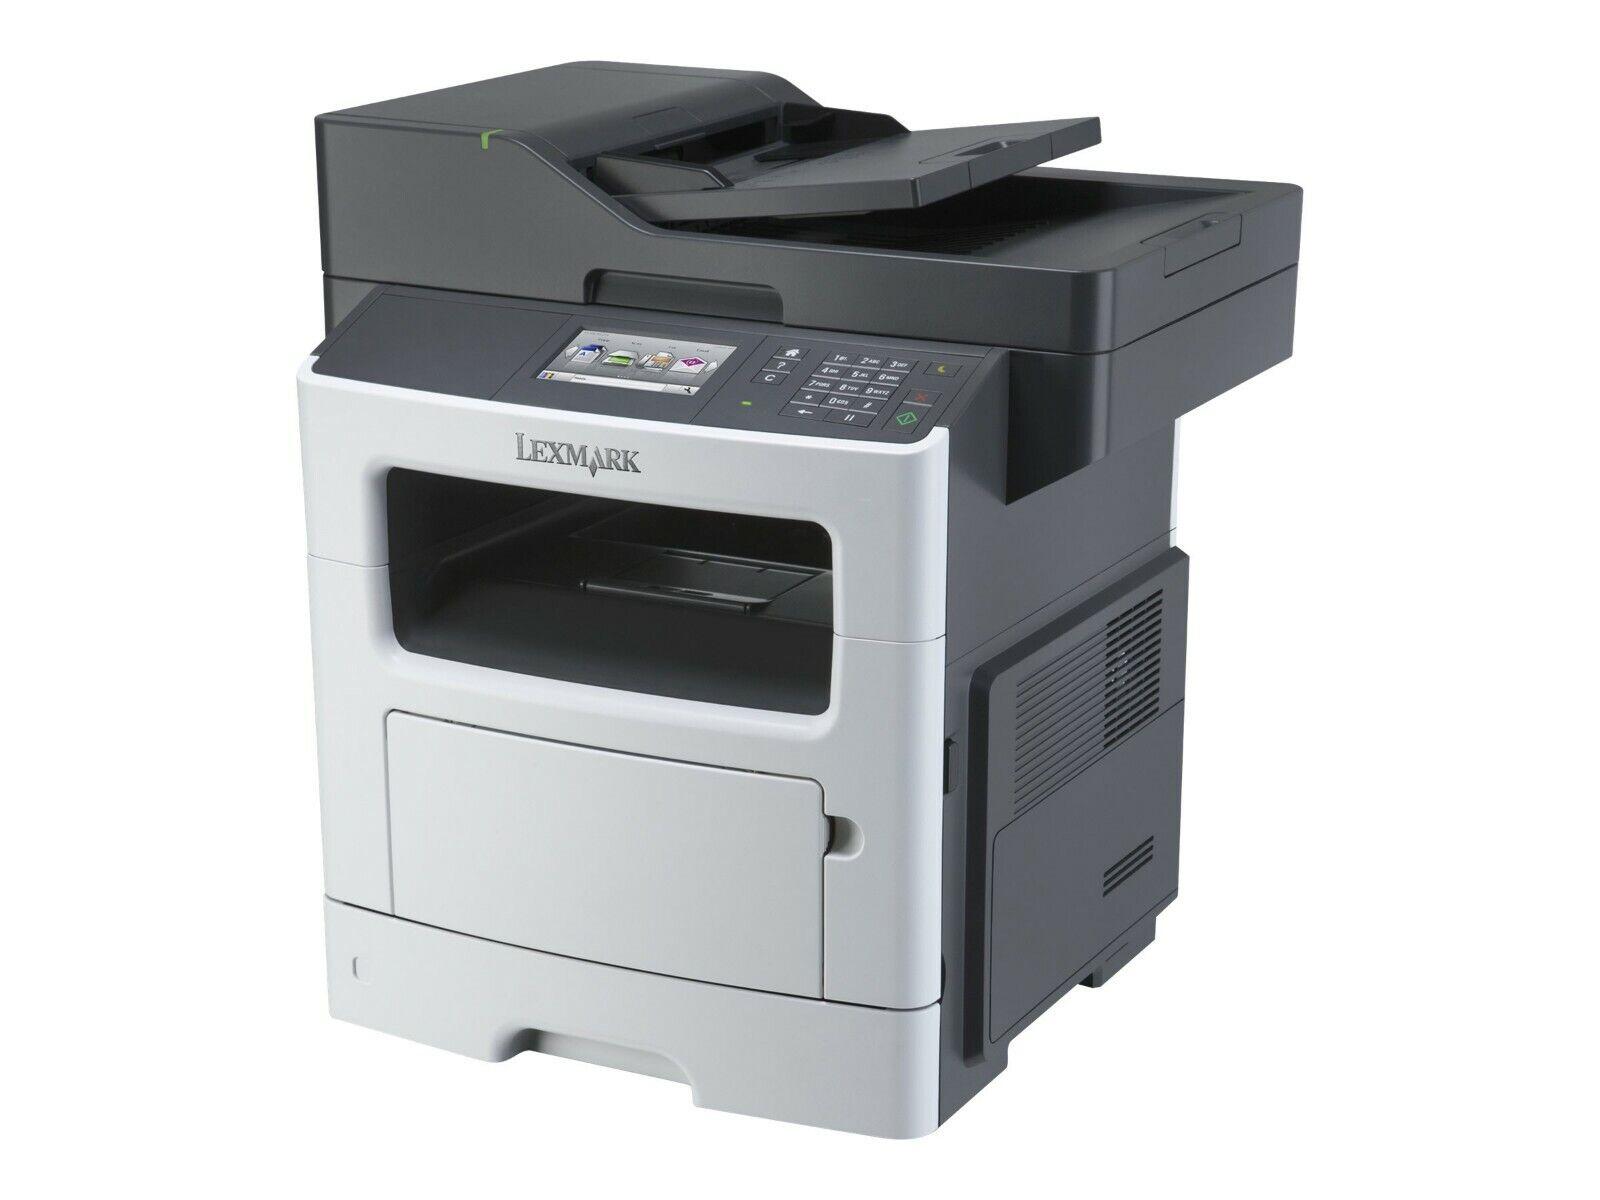 Lexmark mx511de imprimante multifonction laser monochrome 42 ppm, garantie